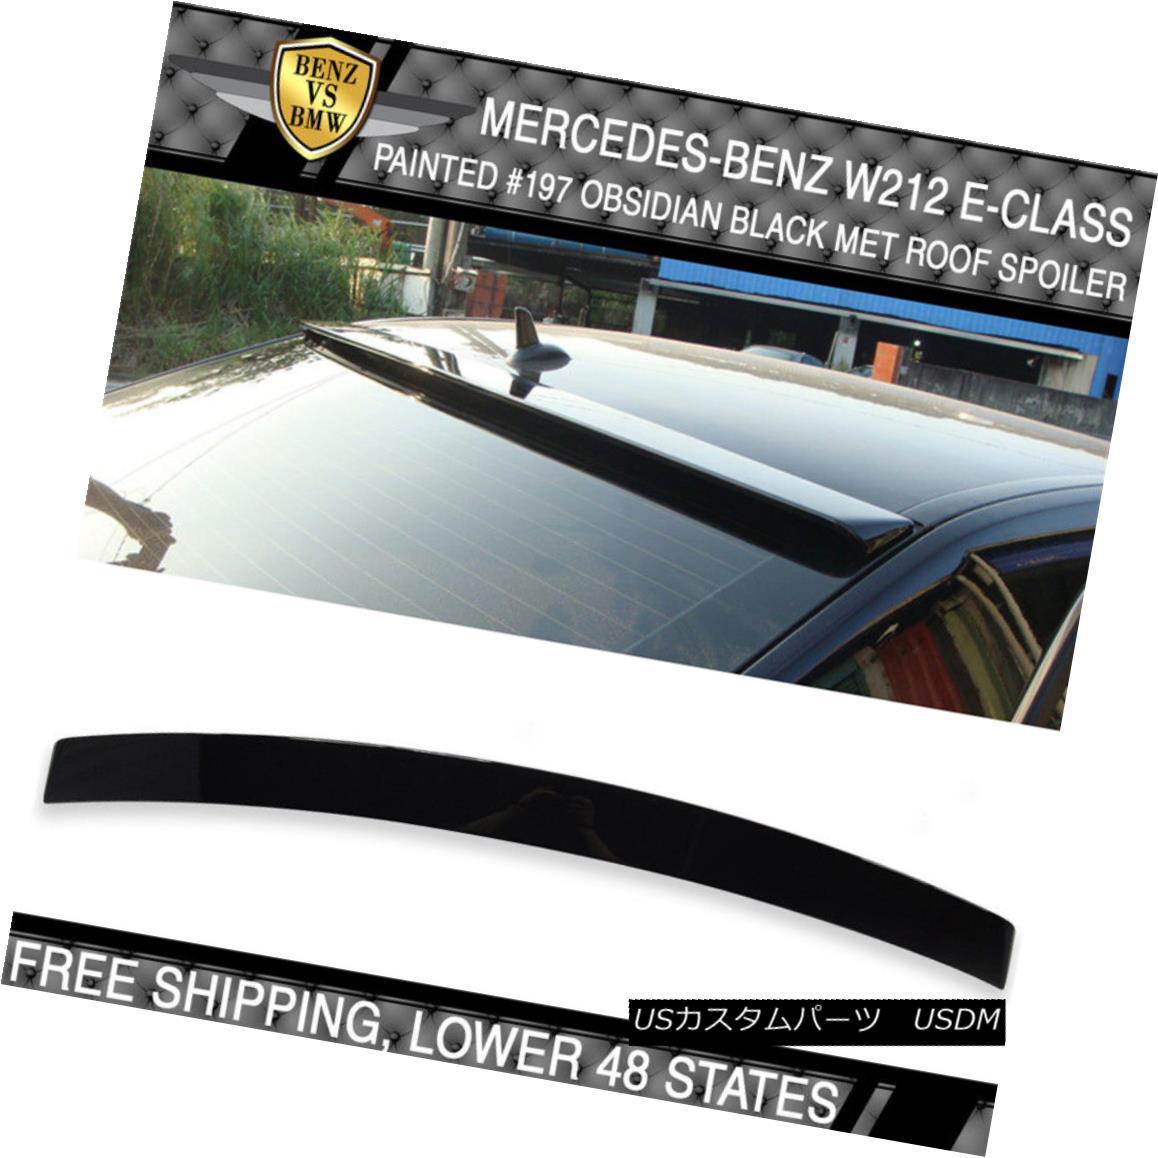 エアロパーツ 10-16 Benz E Class W212 OE Sty #197 Obsidian Black Metallic Painted Roof Spoiler 10-16ベンツEクラスW212 OE Sty#197黒曜石黒メタリック塗装ルーフスポイラー